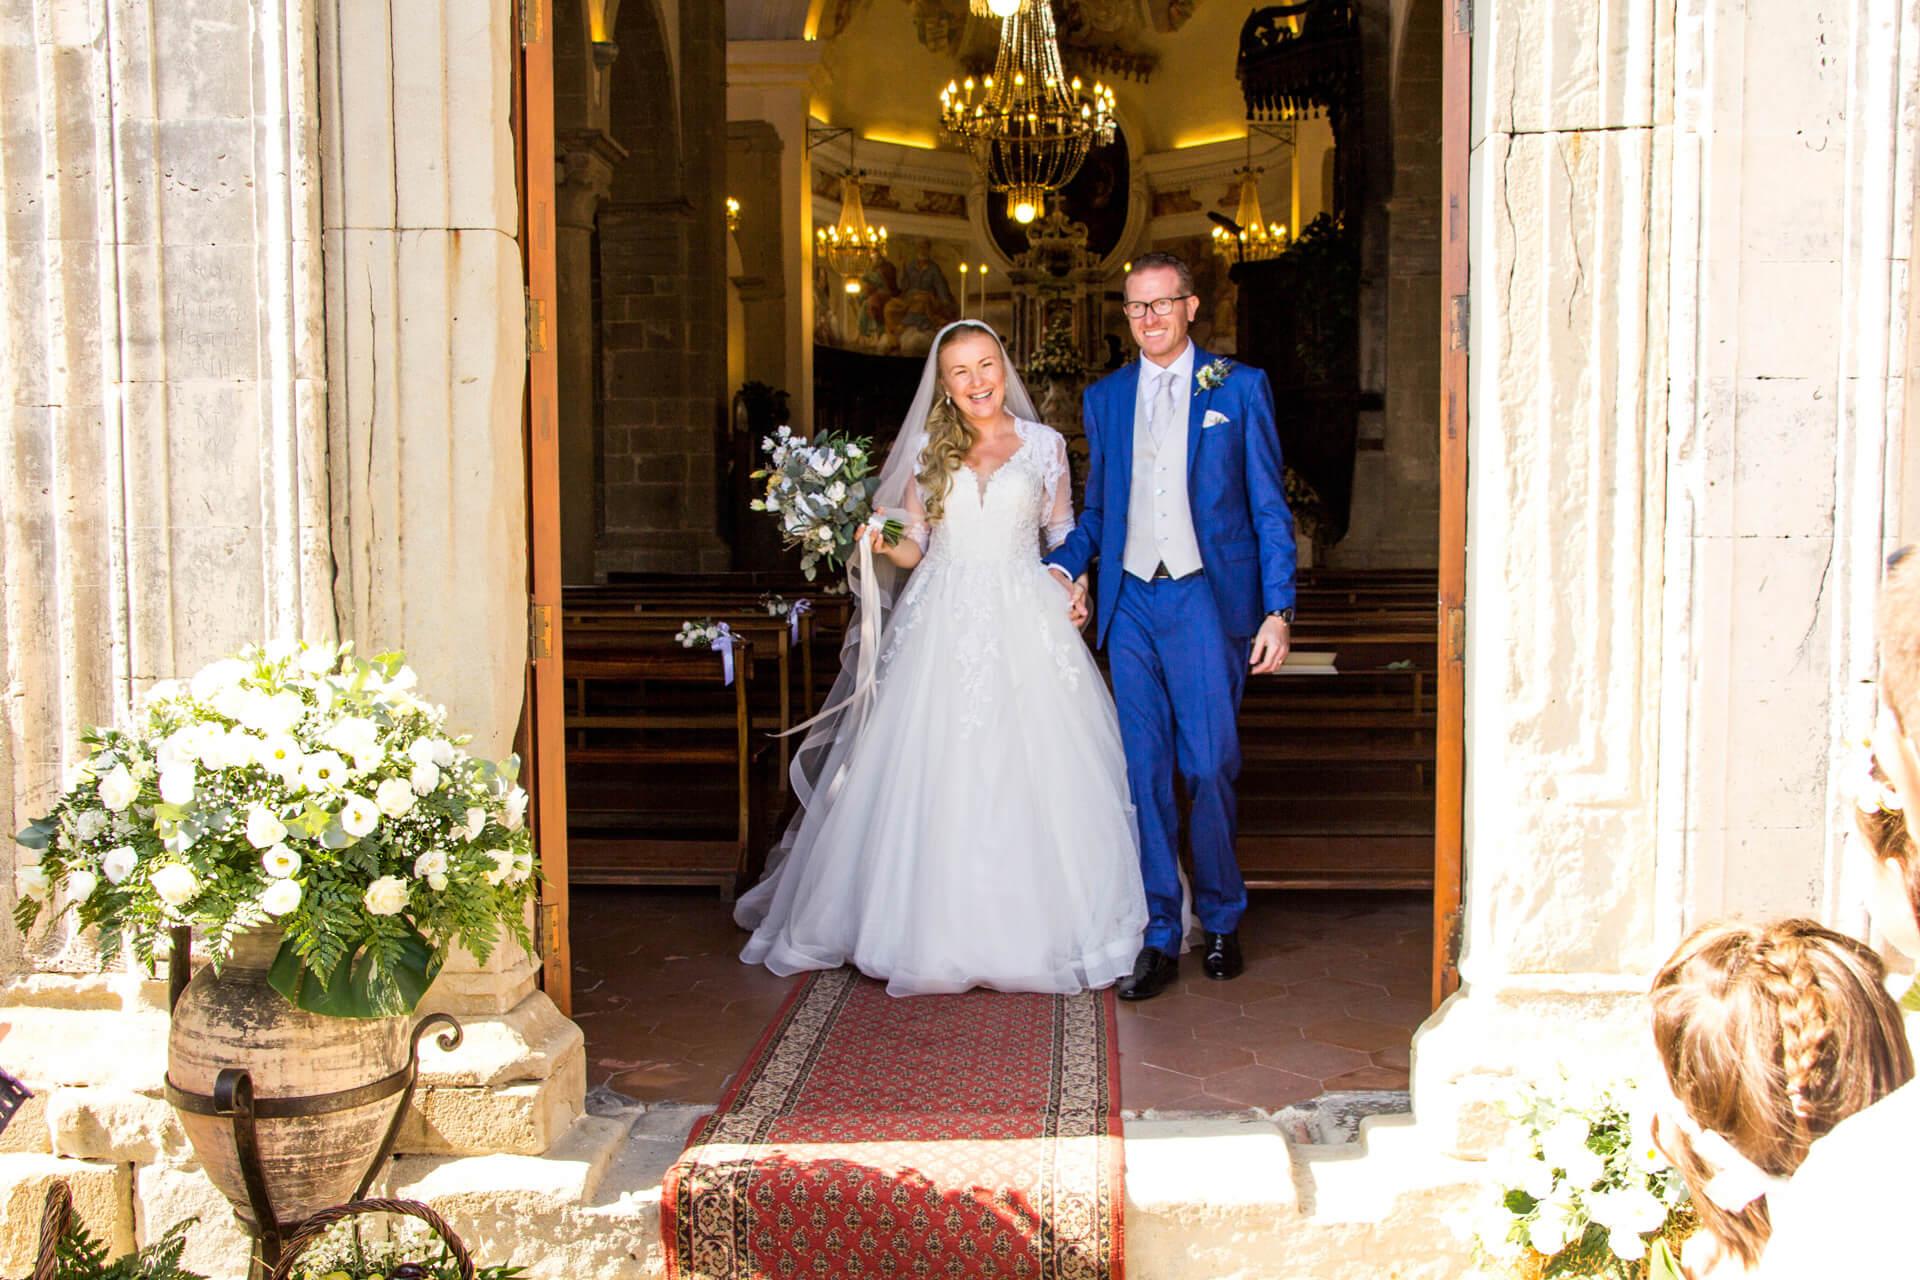 Fotografia novomanželov vychádzajúcich z kostola